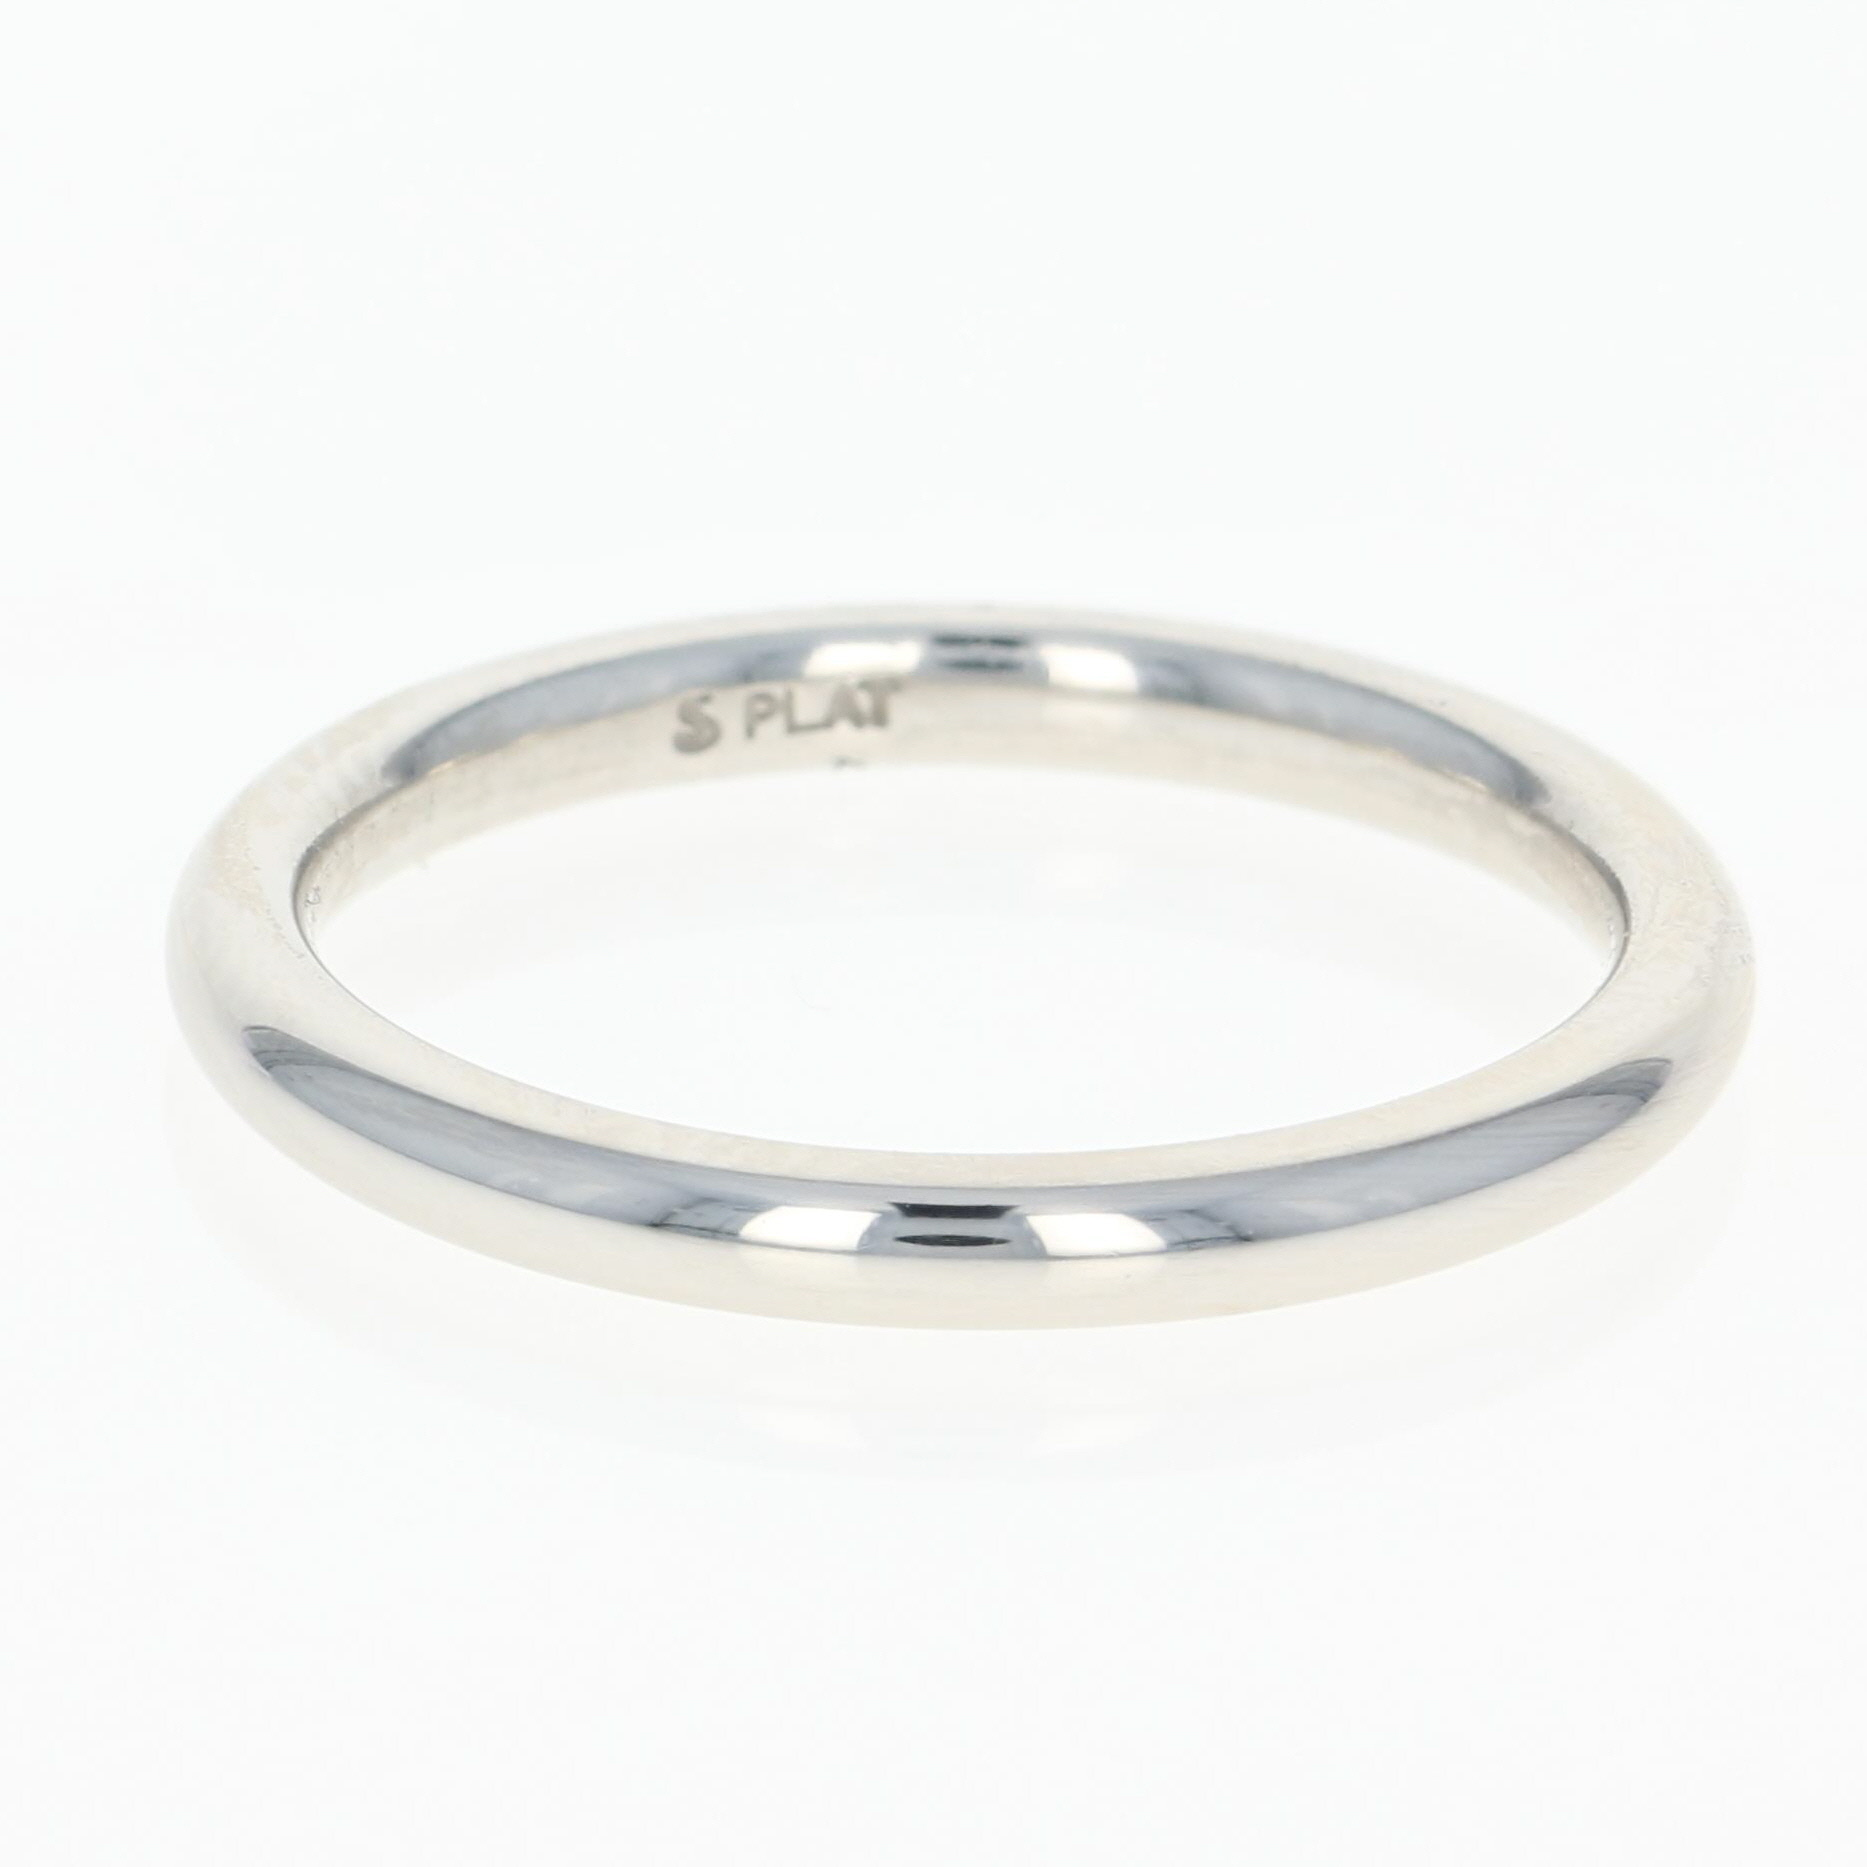 Wedding Band Platinum Rounded Women s Ring Size 5